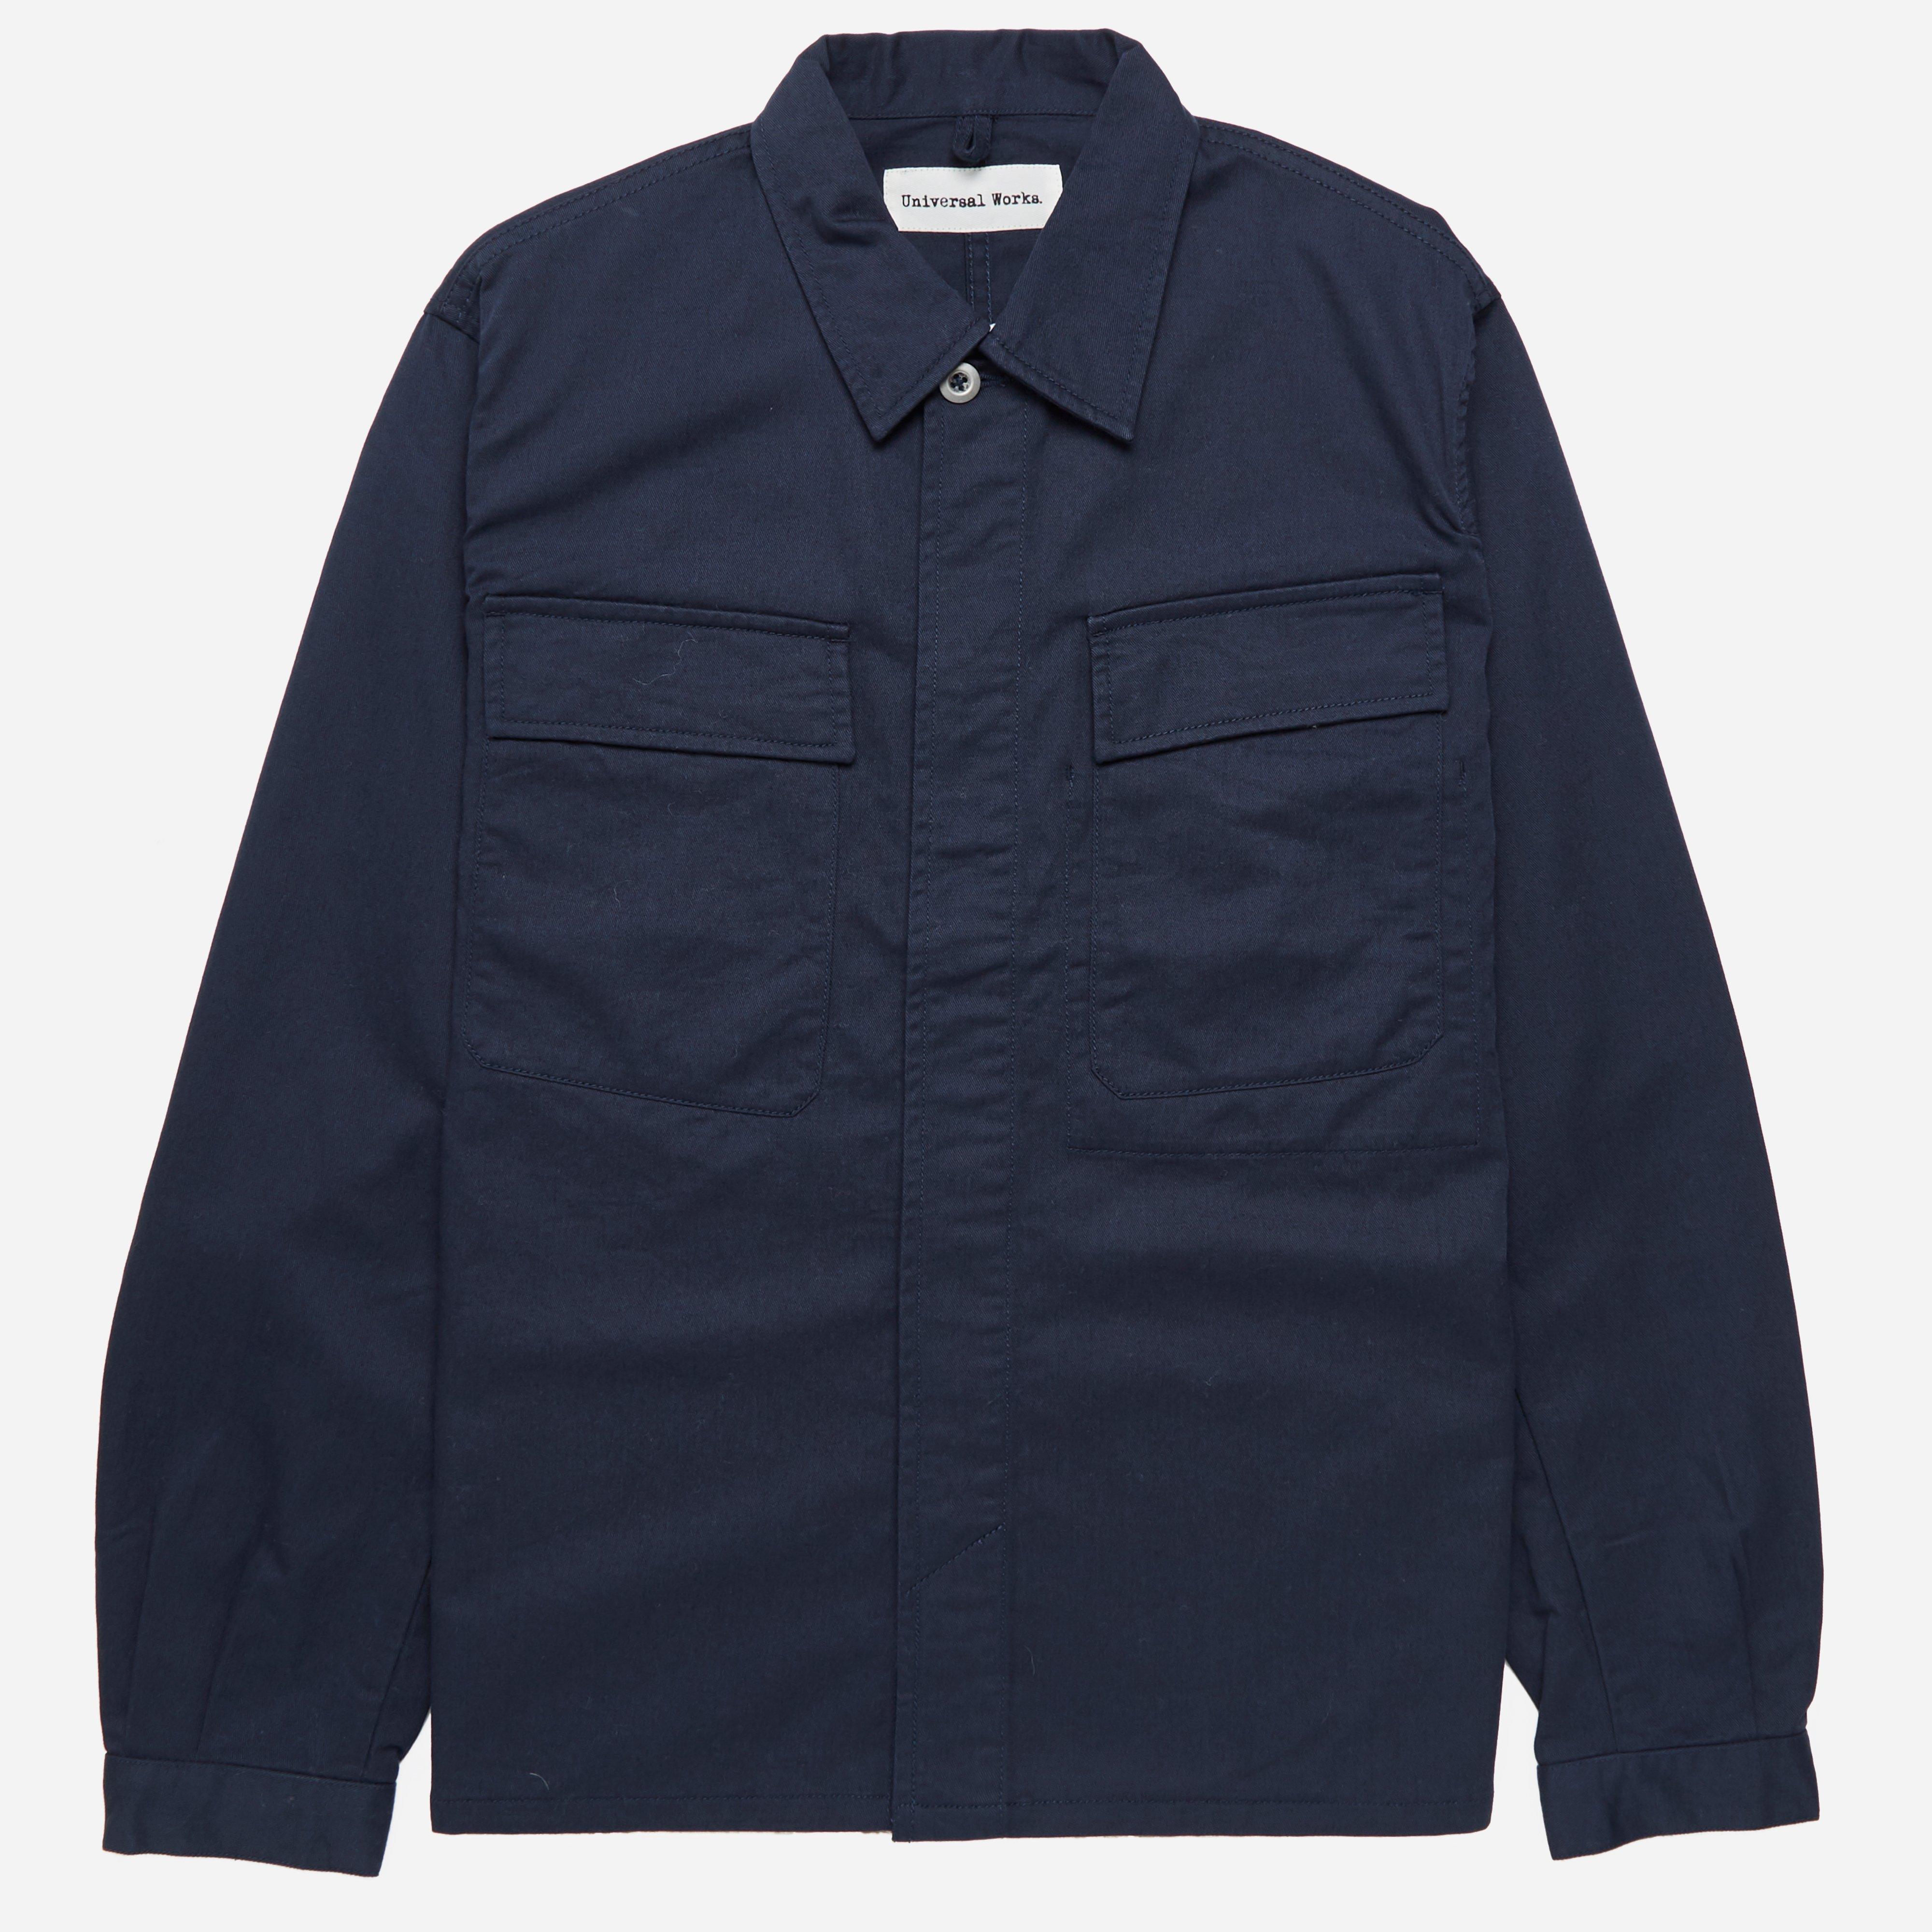 Universal Works Twill MW Chore Overshirt